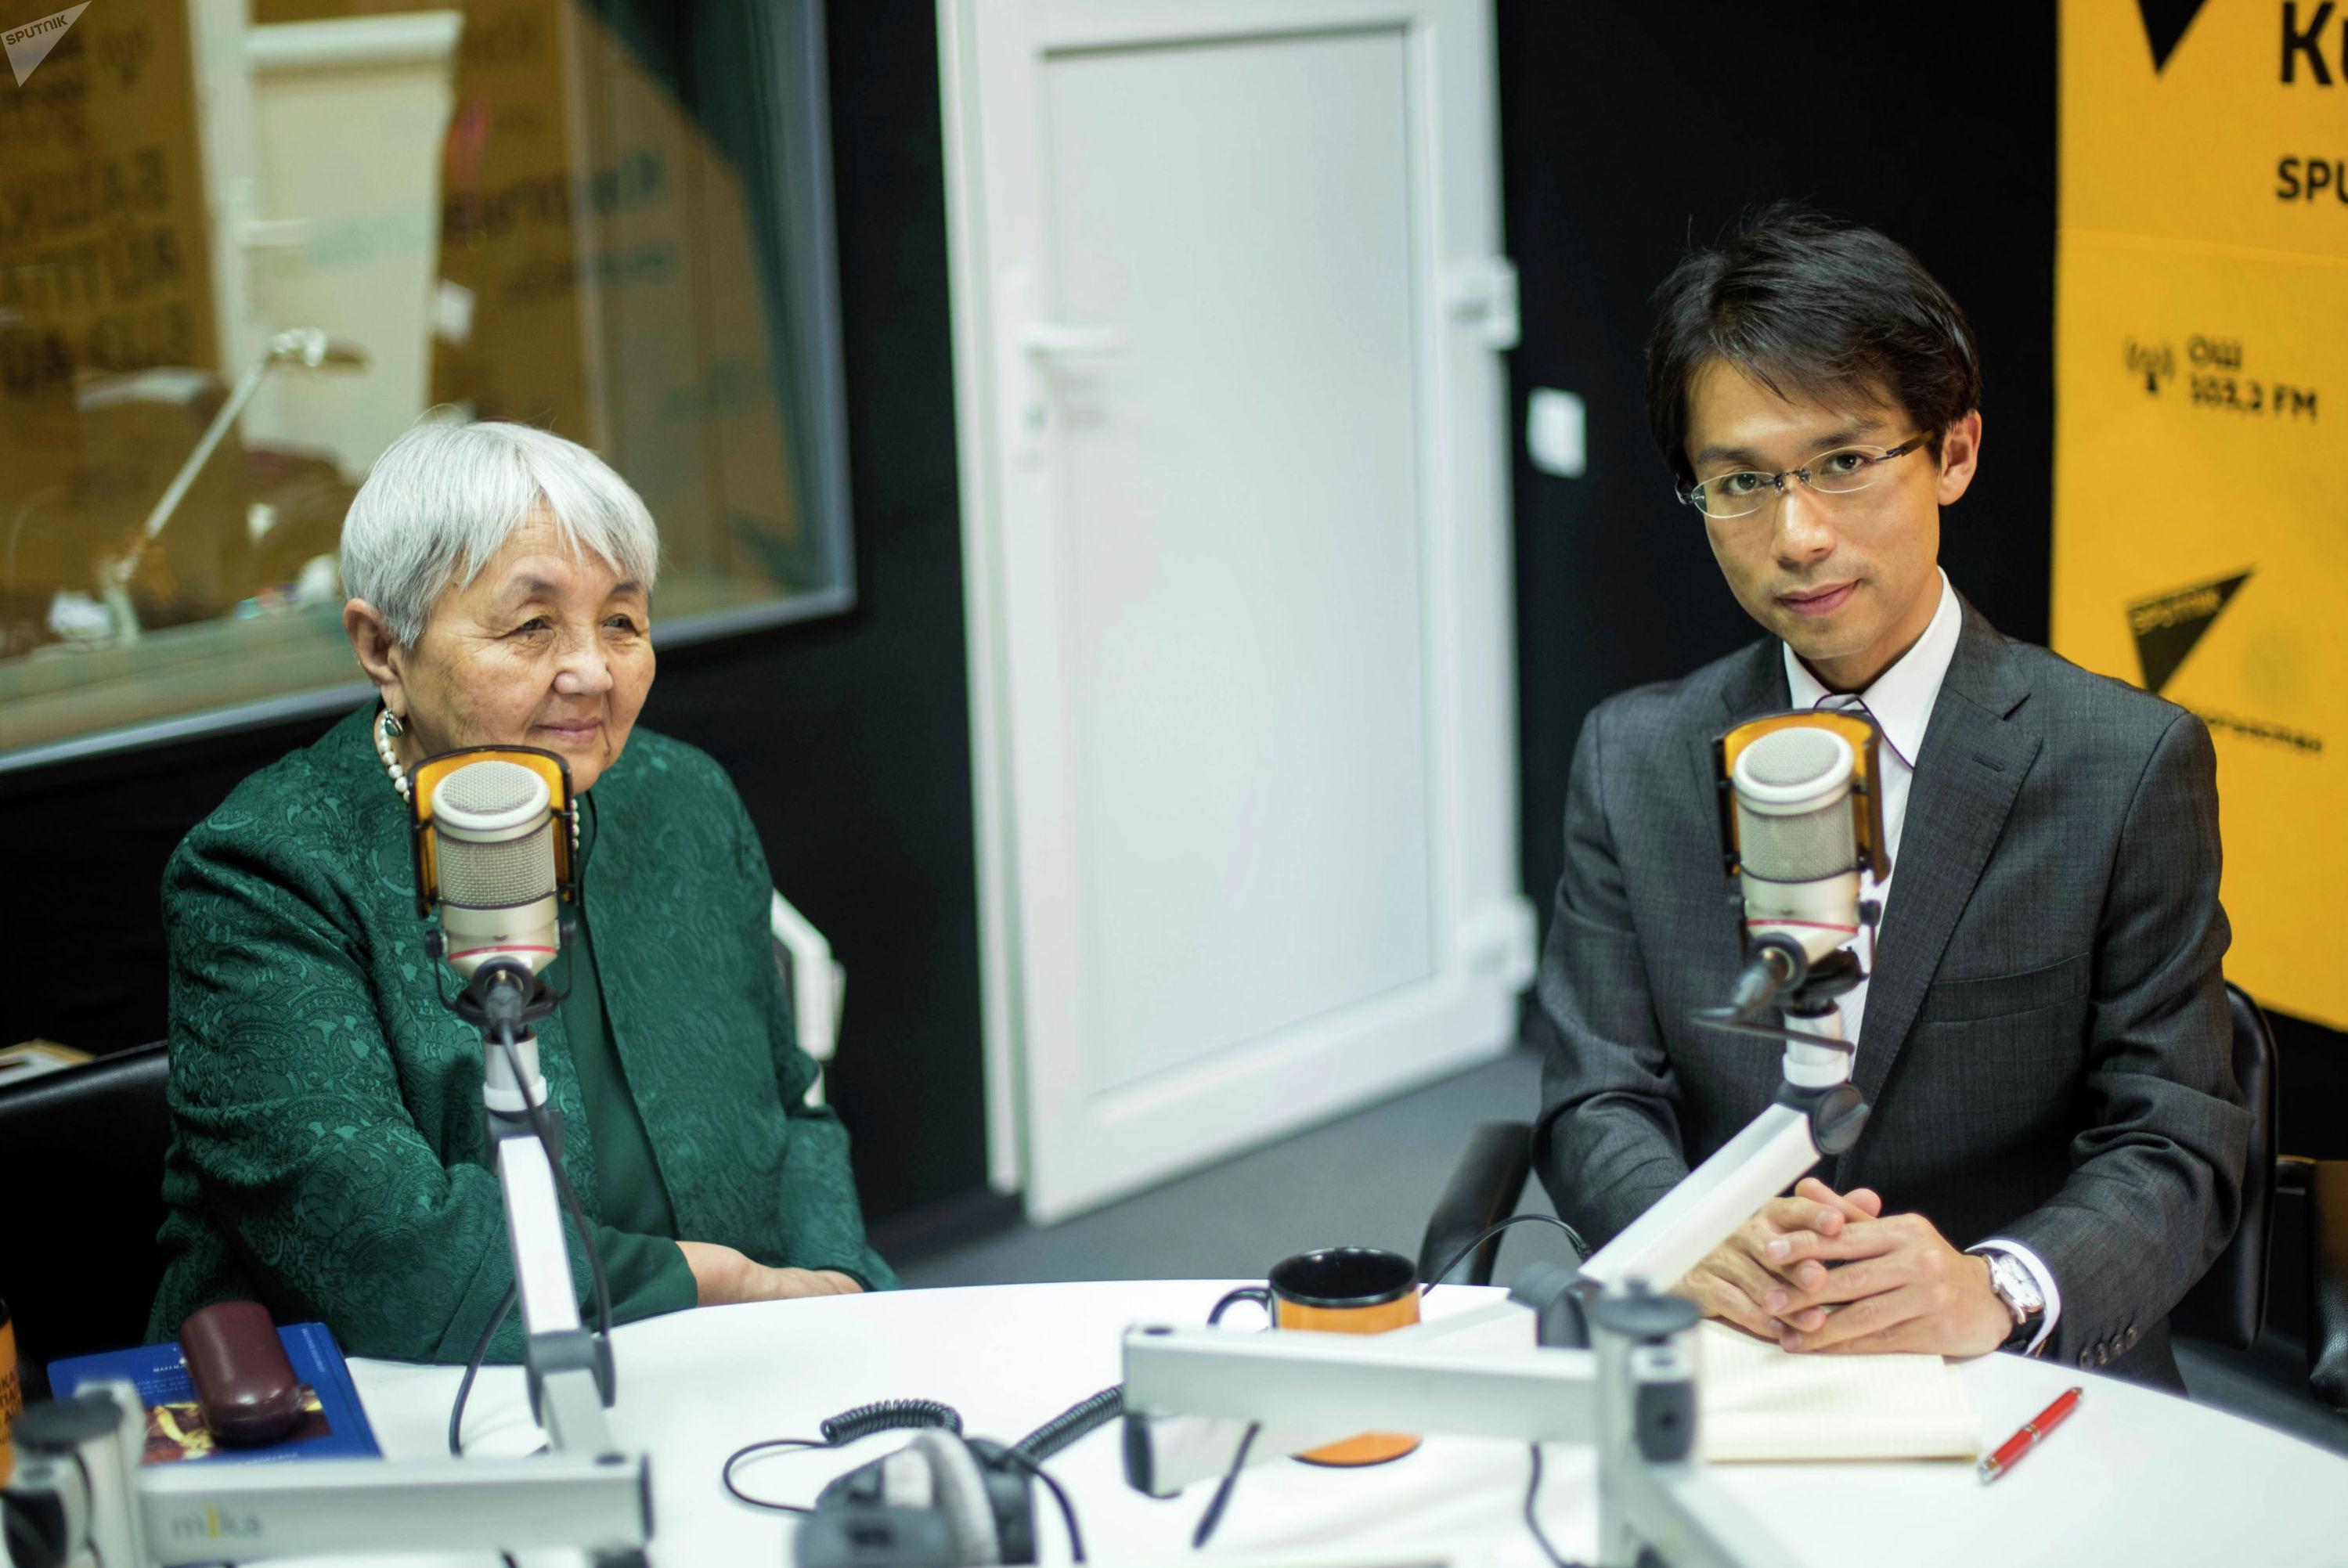 Научный сотрудник университета Васеда, ученый Тэцу Акияма и правнучка Шабдан Баатыра Жаныл Абдылдабек кызы во время беседы